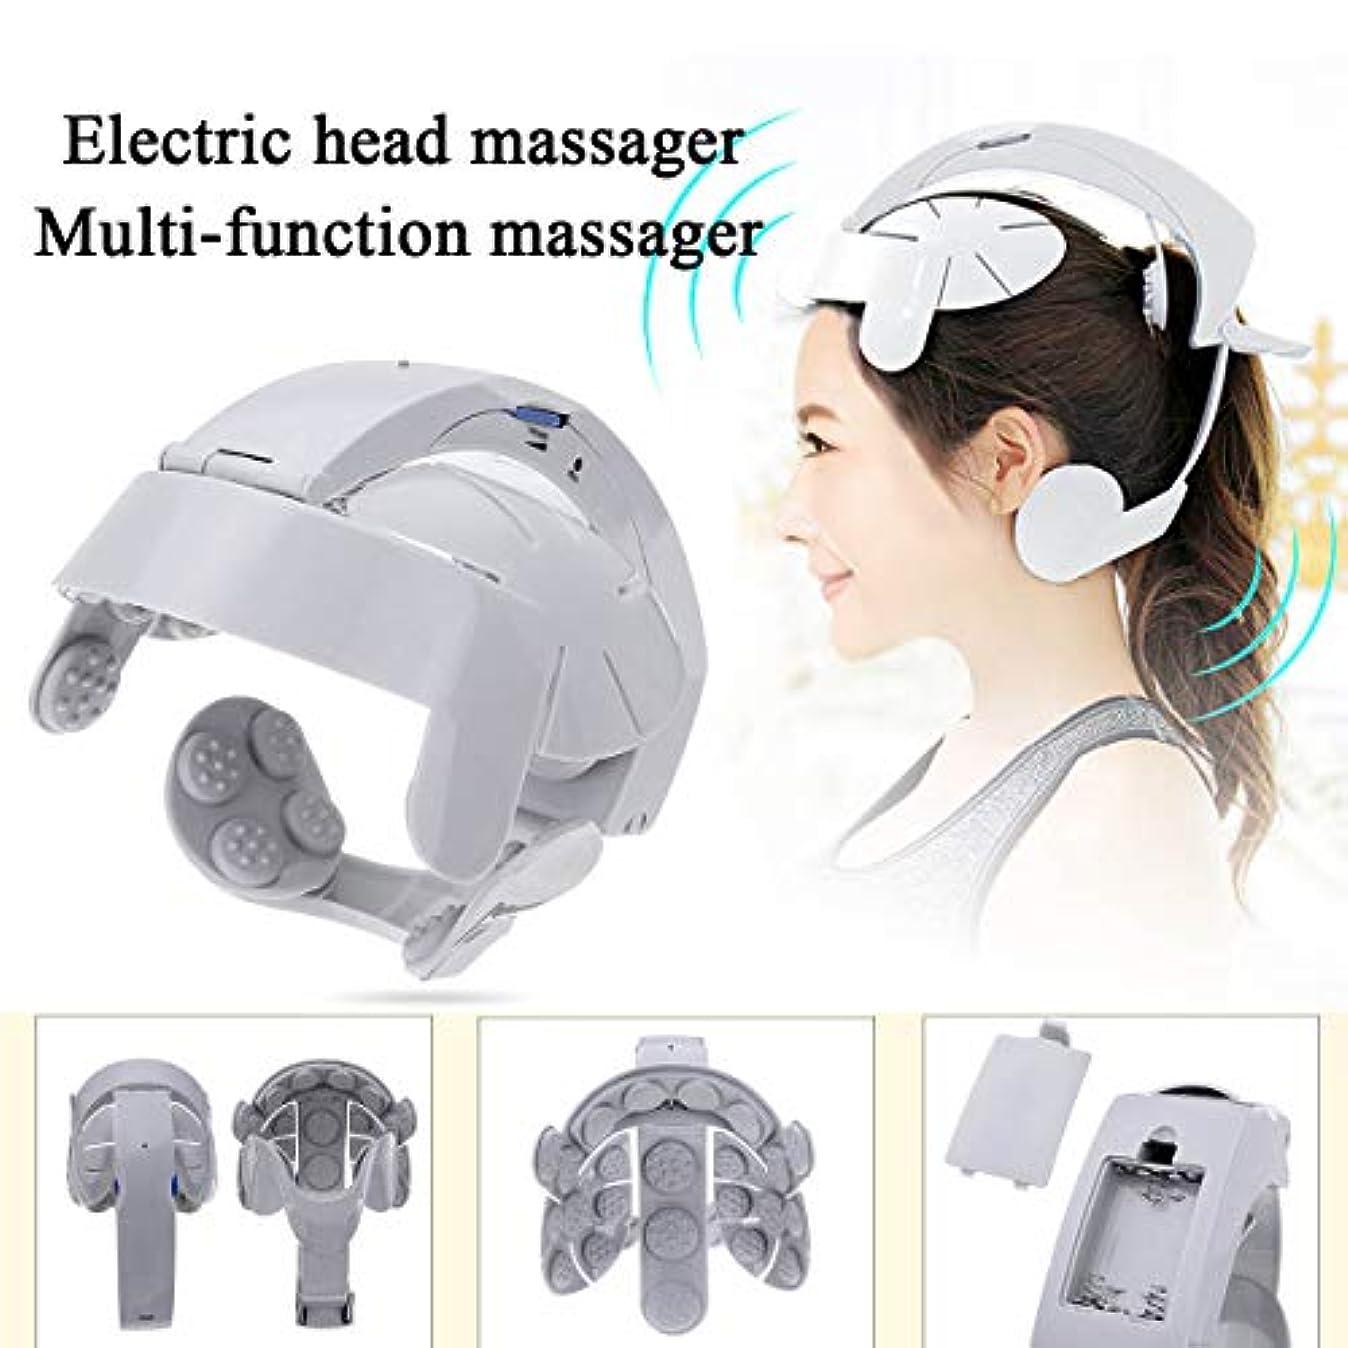 公使館レッドデート居眠りする電気ヘッドマッサージの振動マッサージ簡単な脳マッサージ器ストレスリリーフとより良い睡眠経穴ストレス解放機